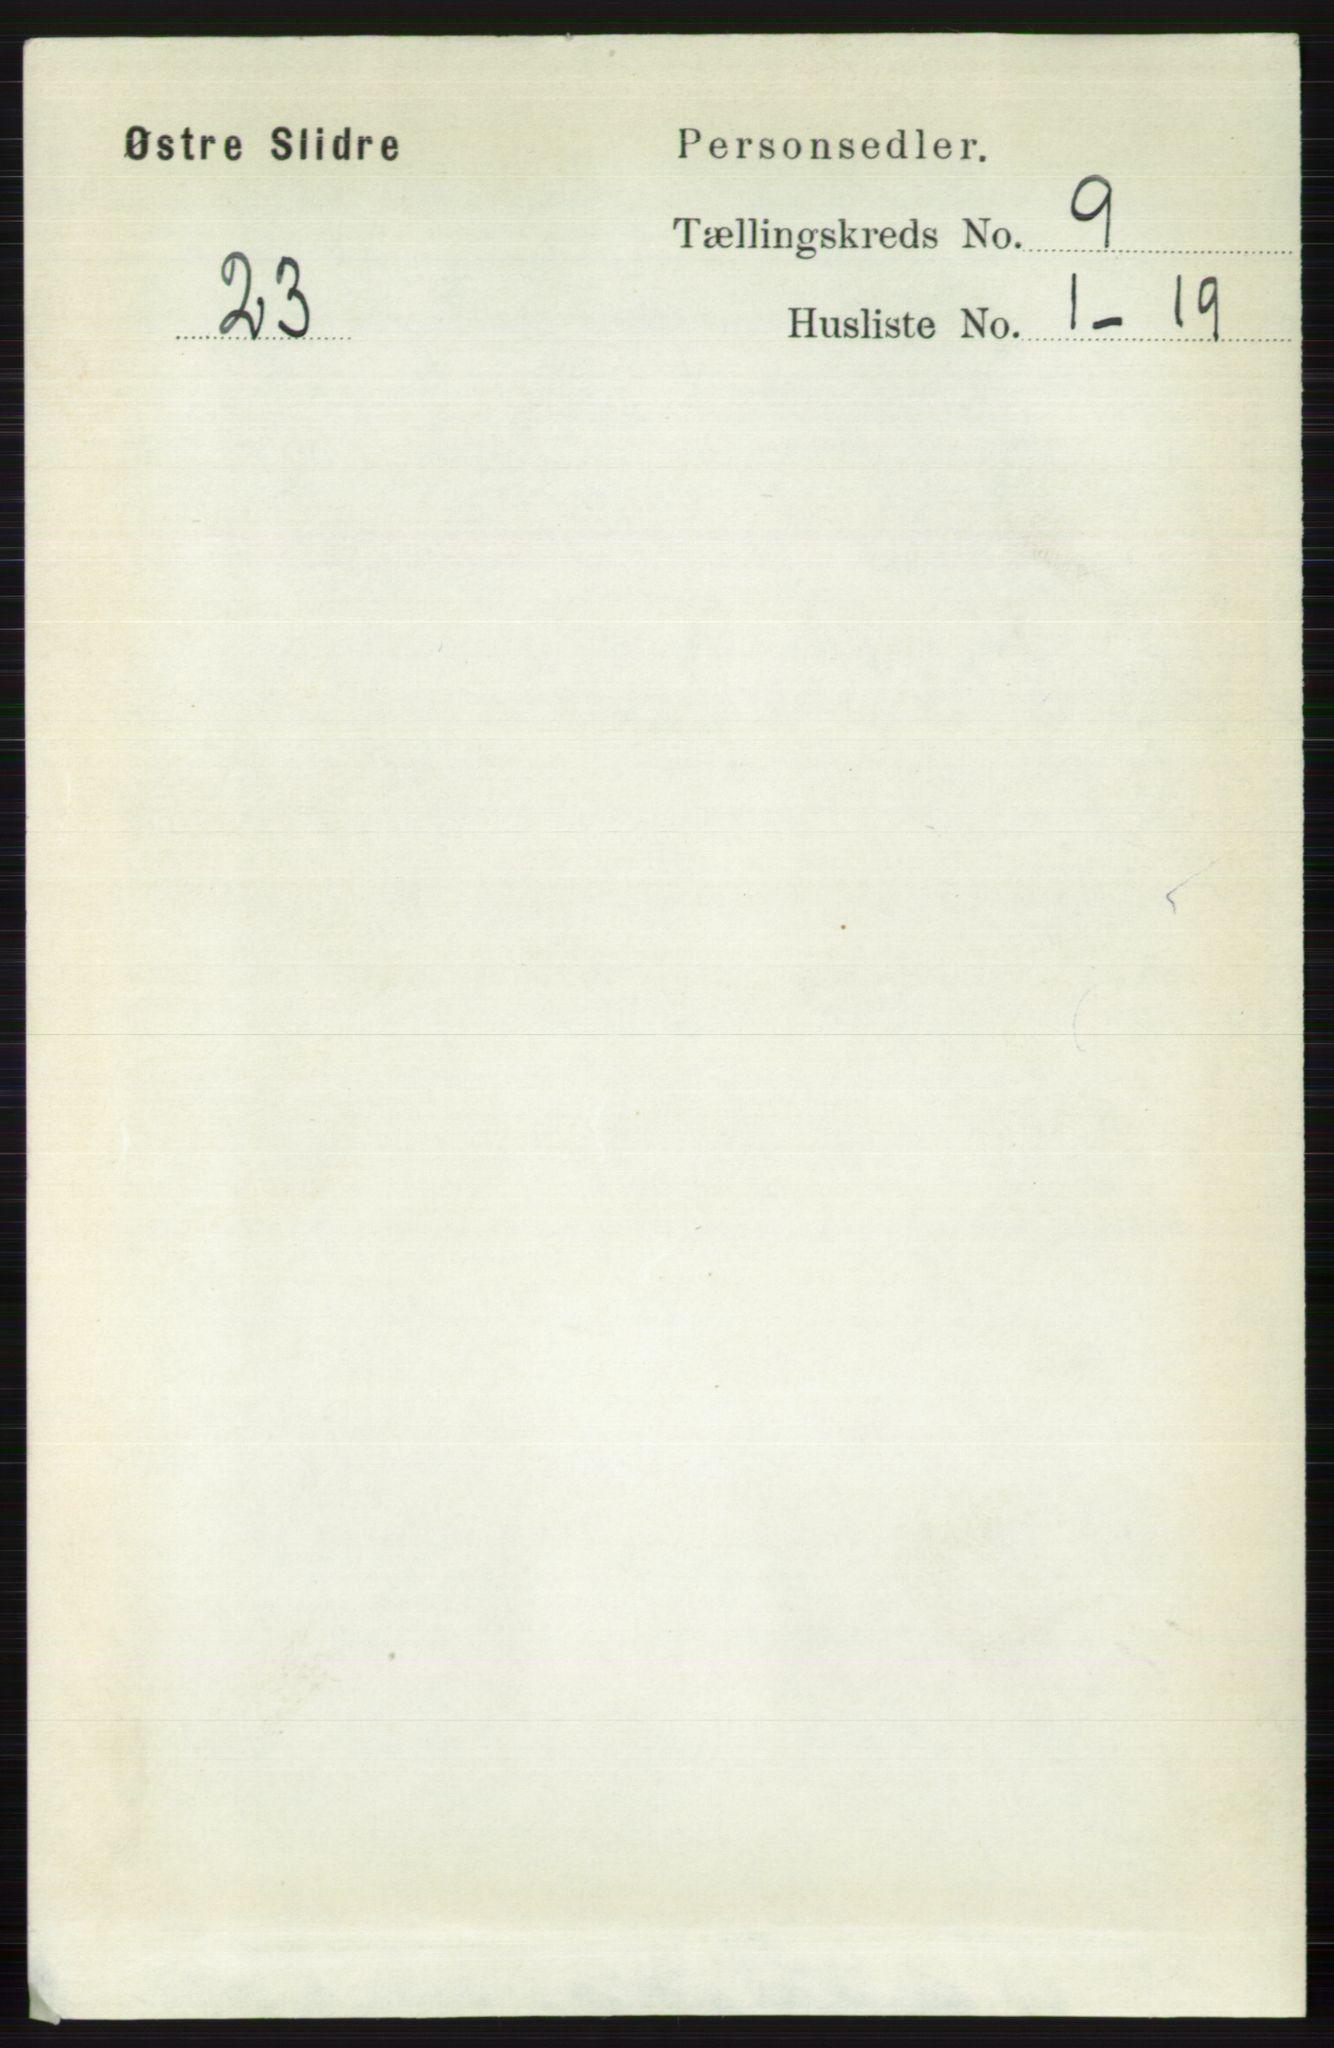 RA, Folketelling 1891 for 0544 Øystre Slidre herred, 1891, s. 3036